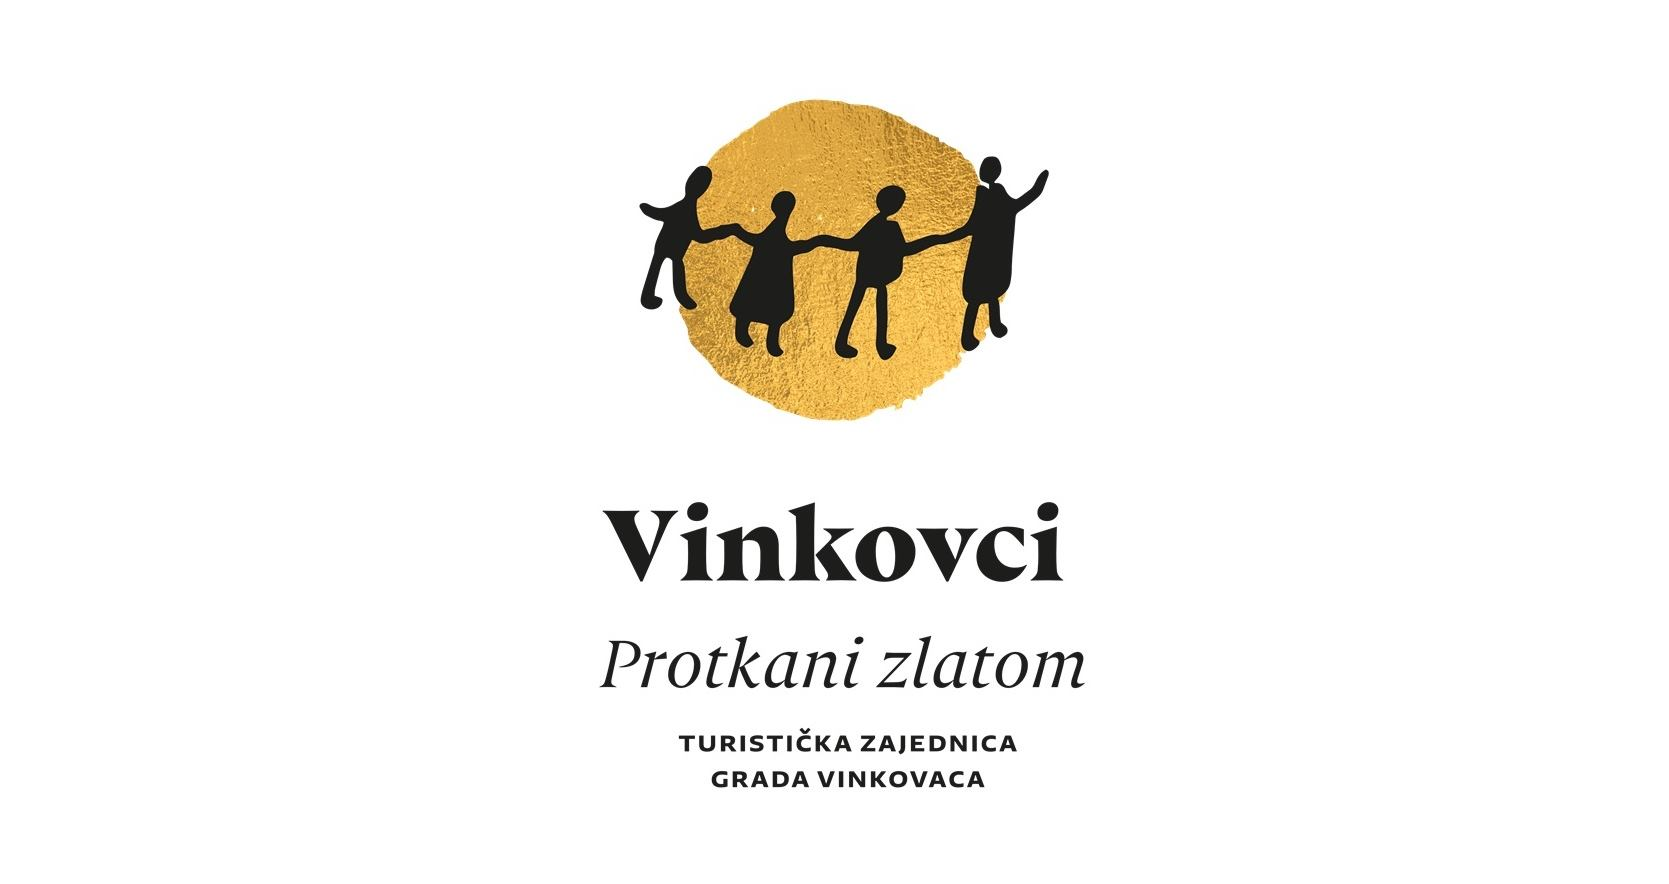 Turistička zajednica grada Vinkovaca ima novi vizualni identitet i slogan